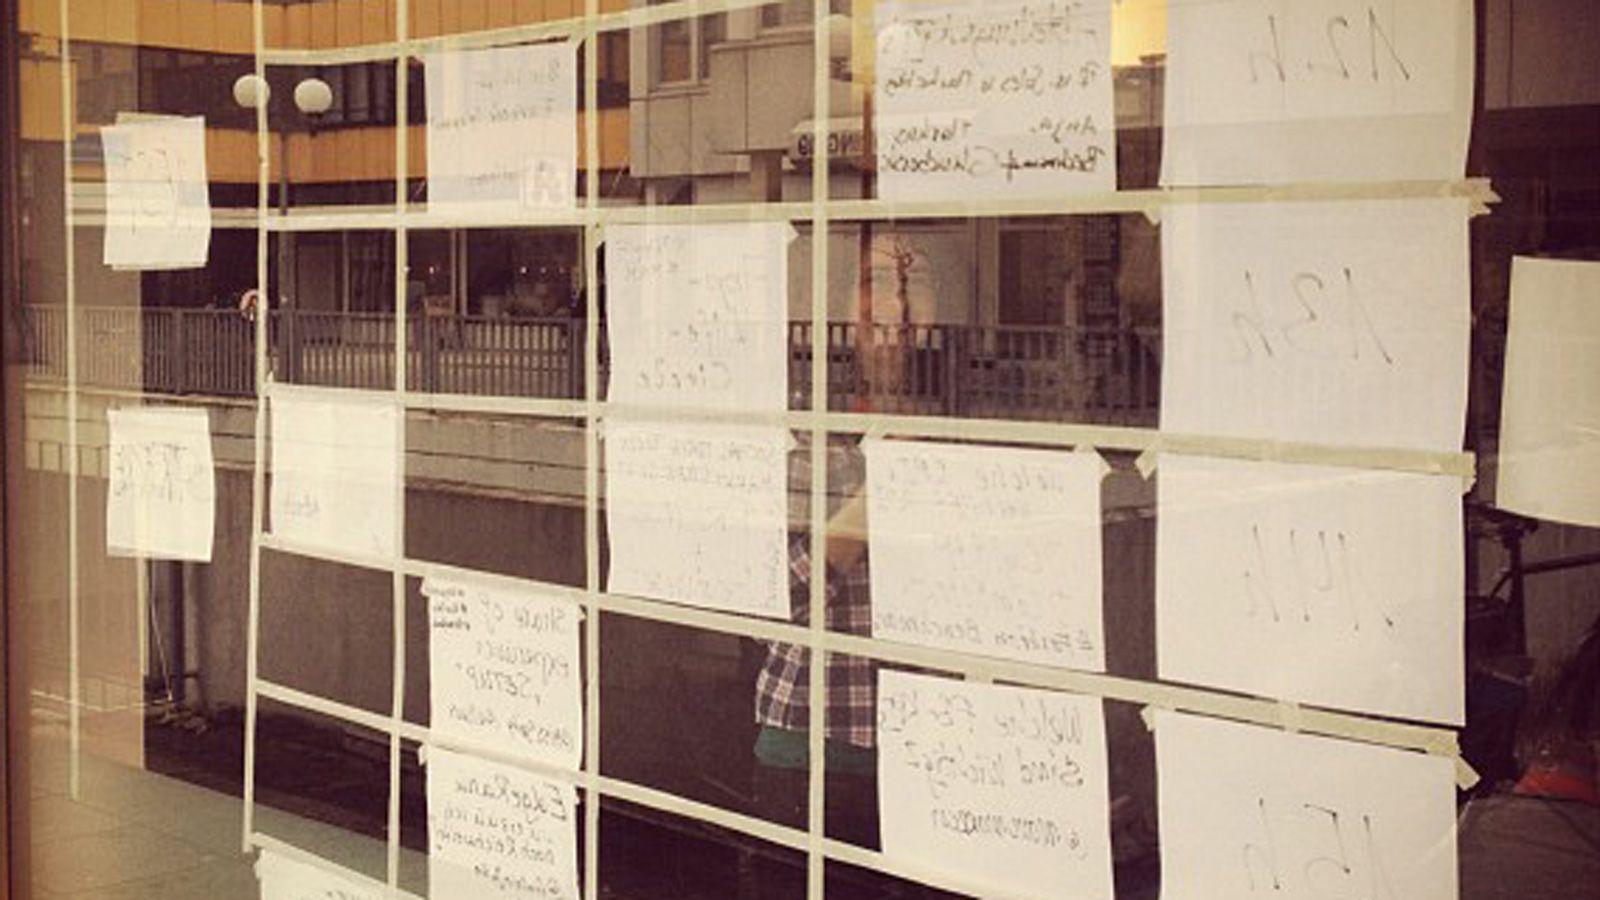 BarCamp statt Konferenz: Sessionplan beim fbcamp